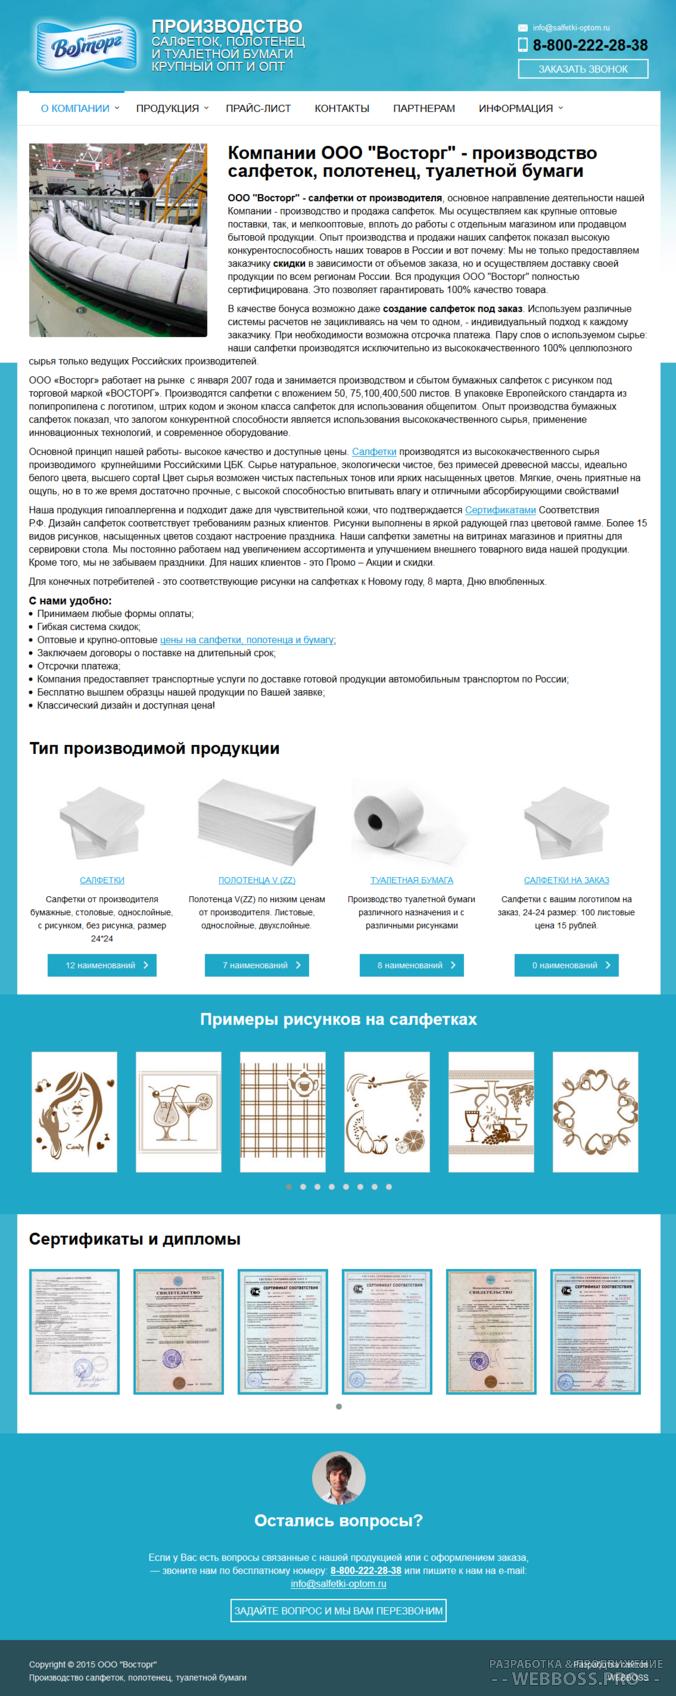 Создание сайта: Сайт производителя салфеток (после)